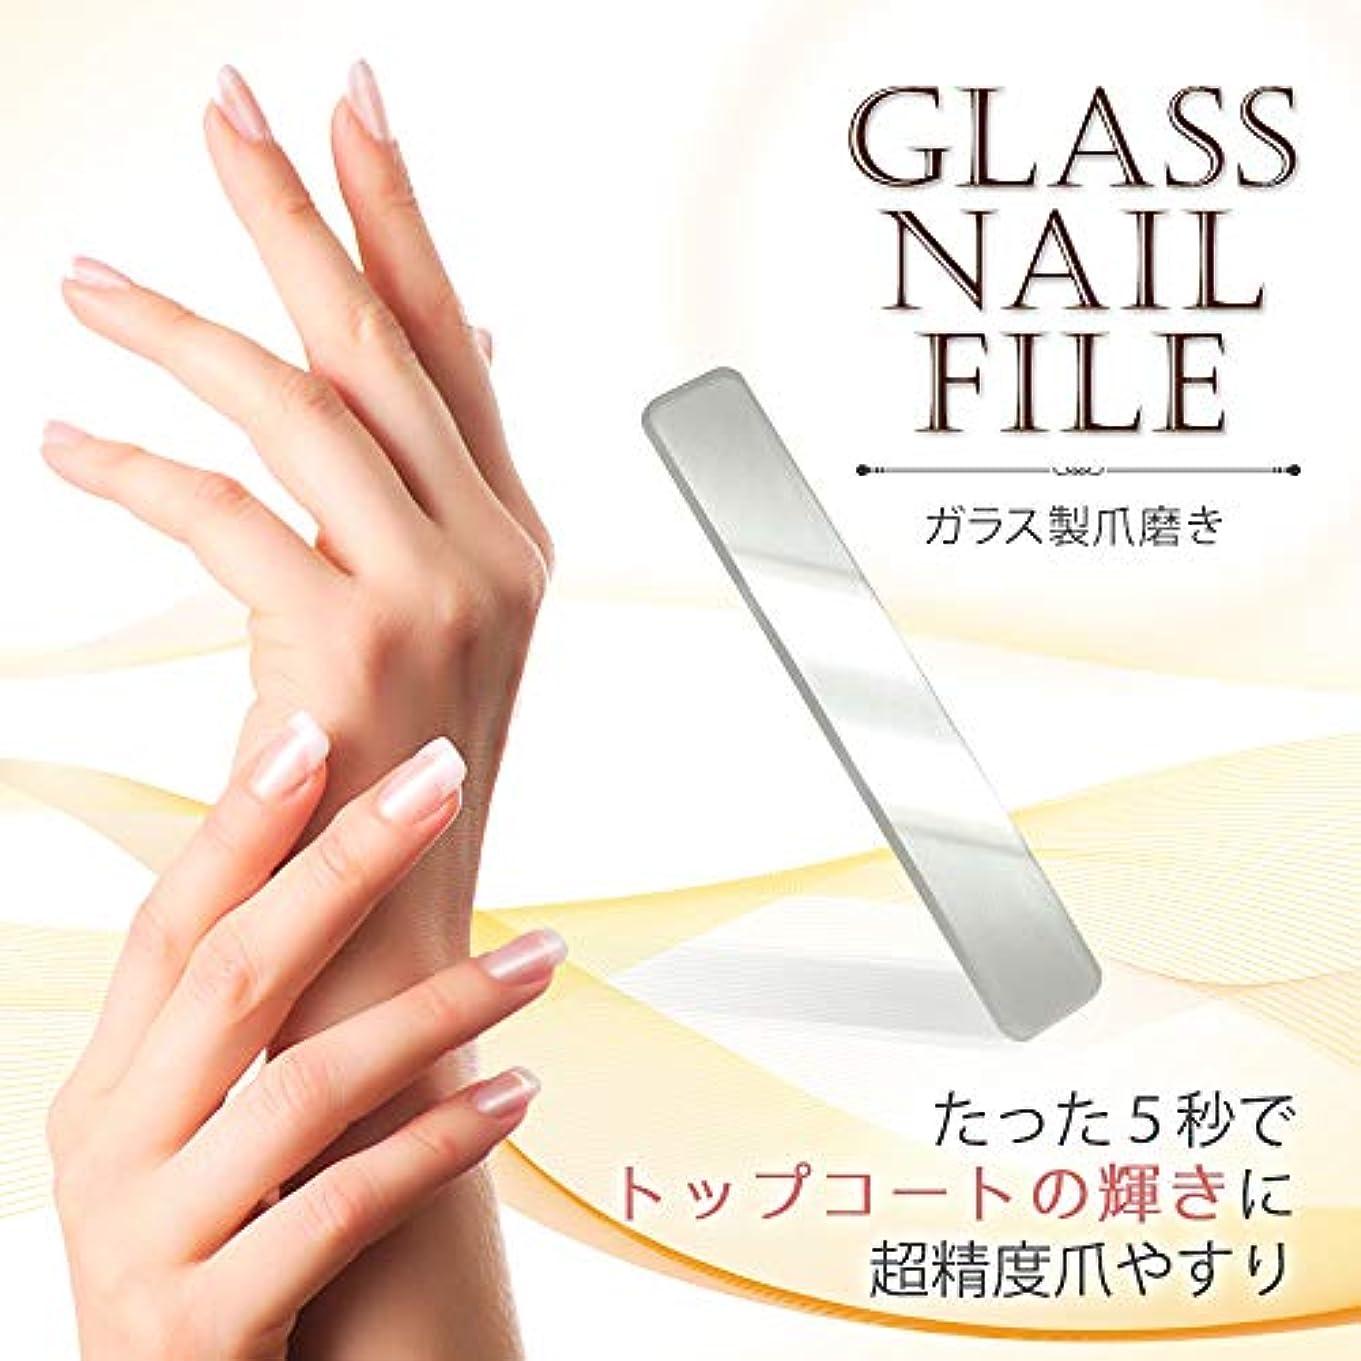 詩アレンジ彼らは5秒で実感 Glass Nail File (ガラス製 爪やすり 爪みがき つめみがき 爪磨き ネイルファイル ネイルシャイナー グラスシャイナー バッファー ネイルケア 爪ケア)